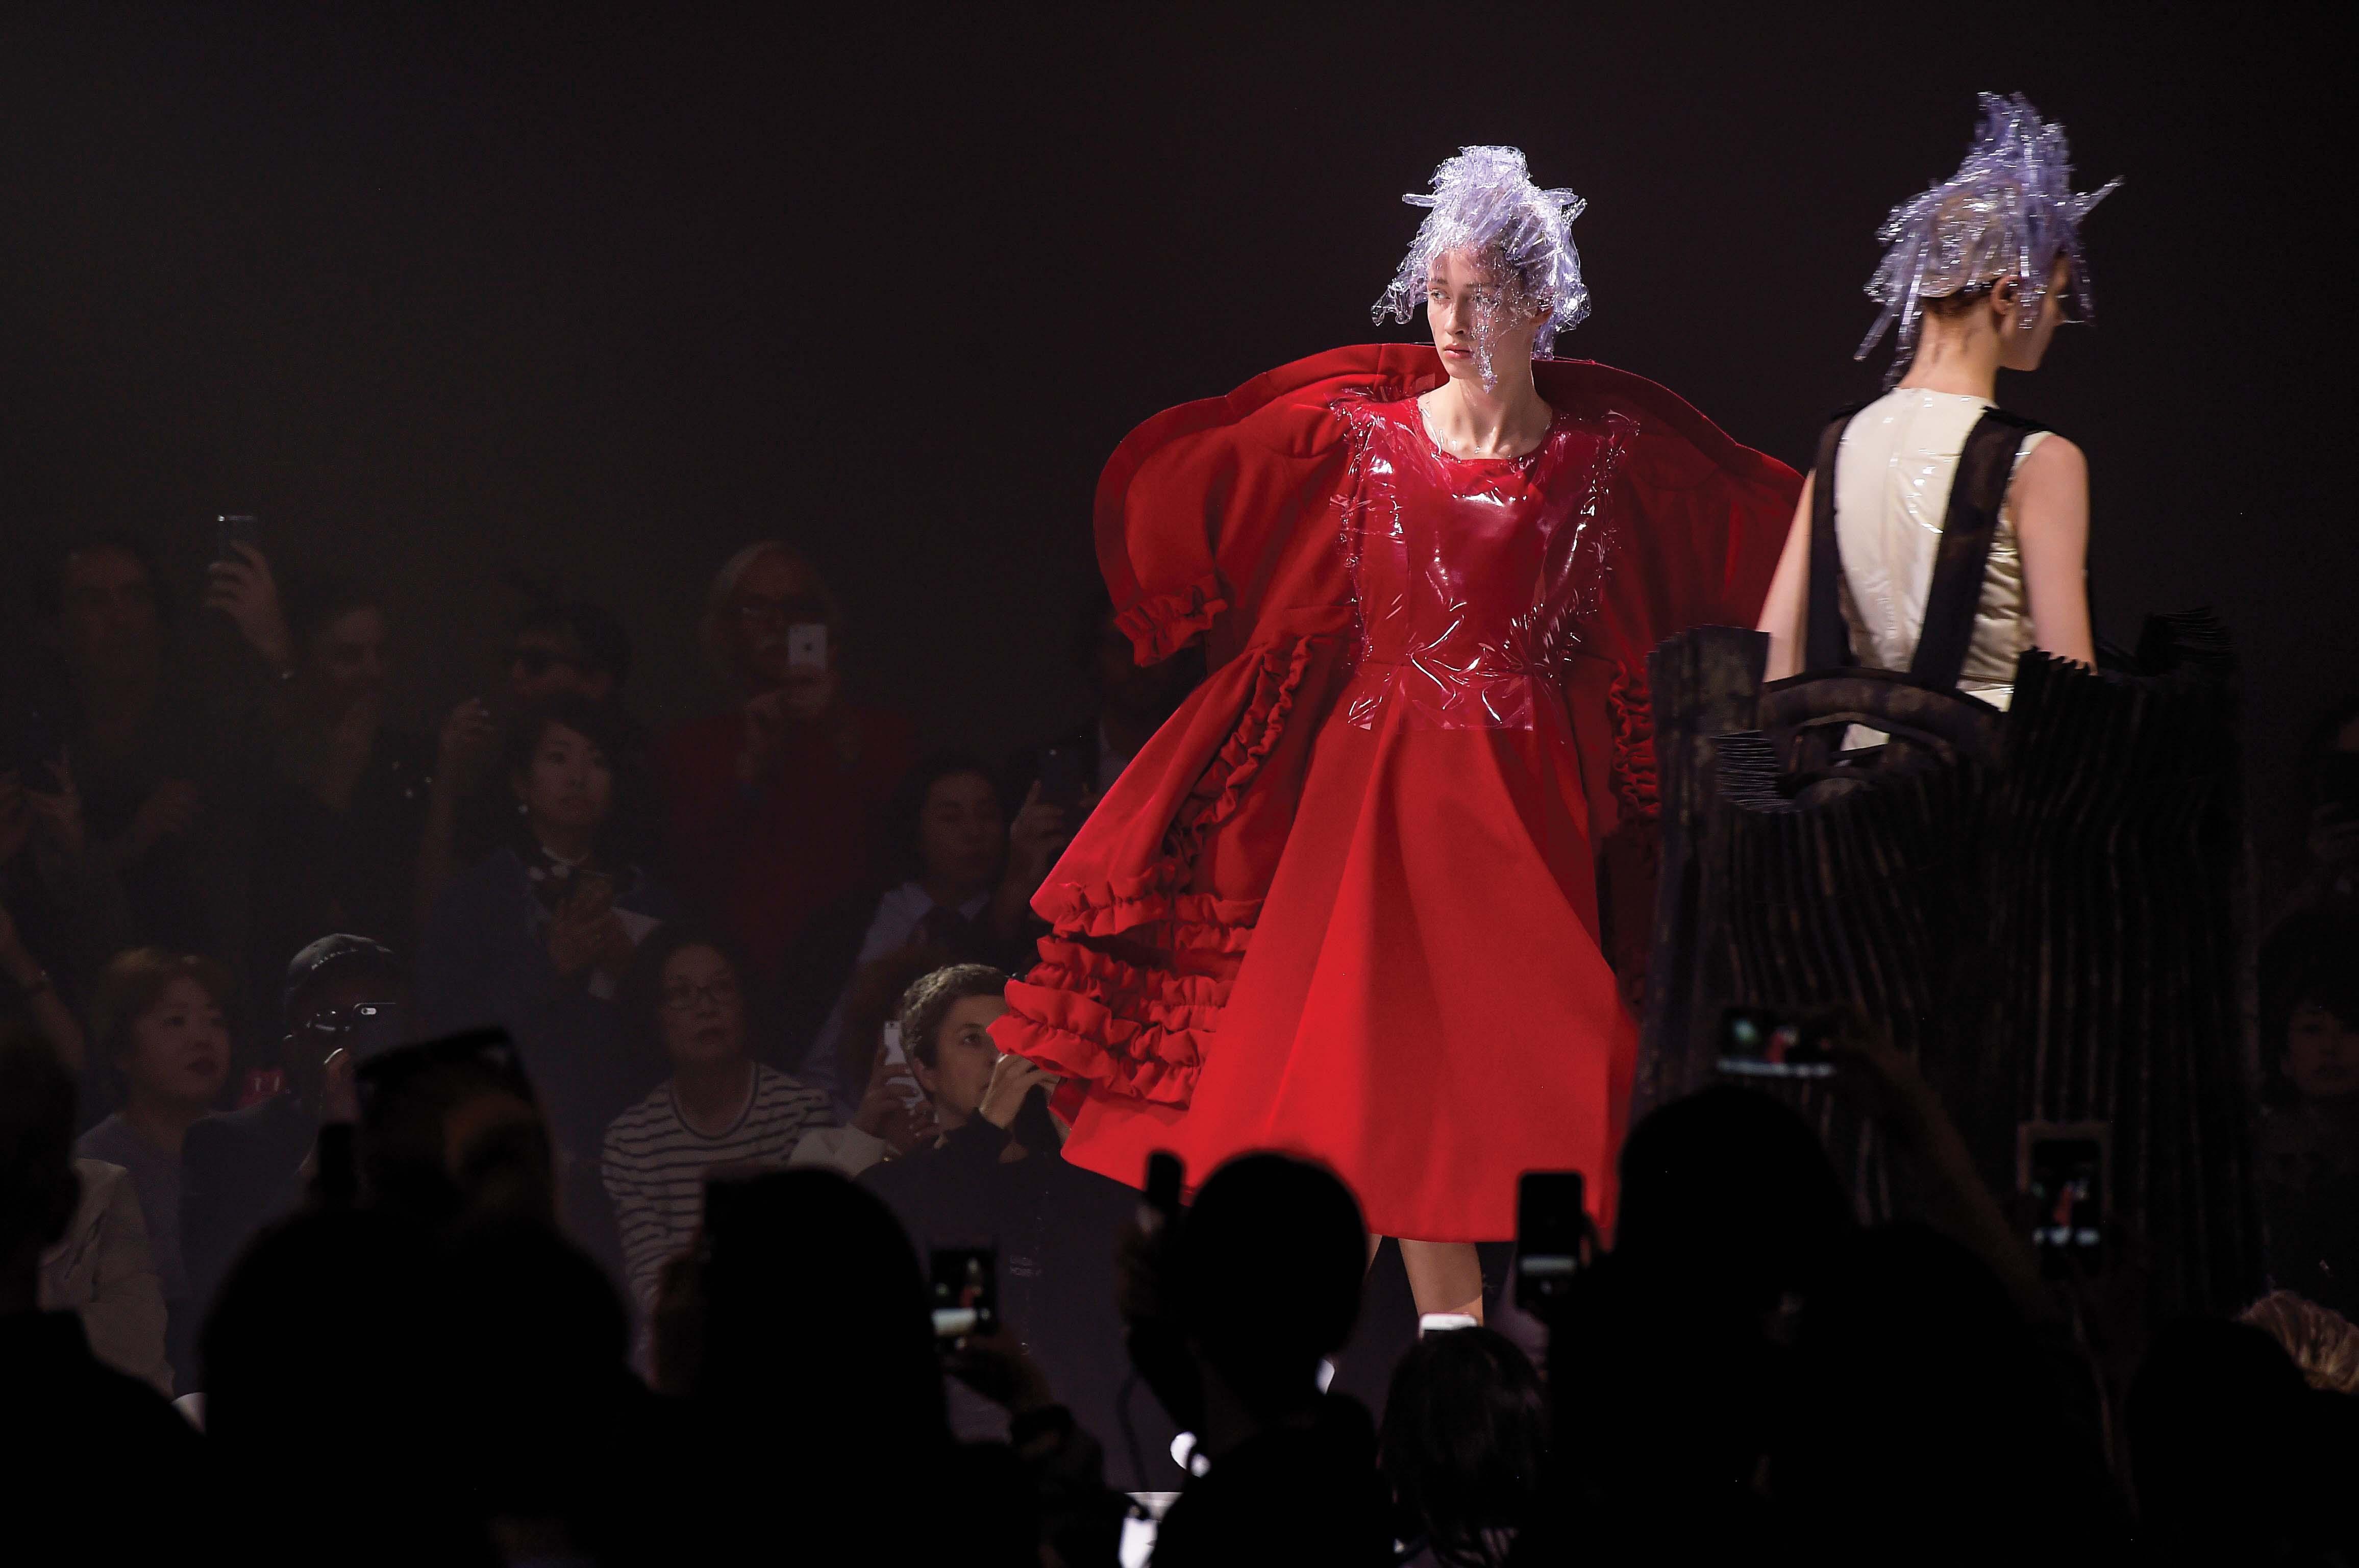 Comme des Garçons Rei Kawakubo conjured a fantastical, audacious triumph of shape and structure.